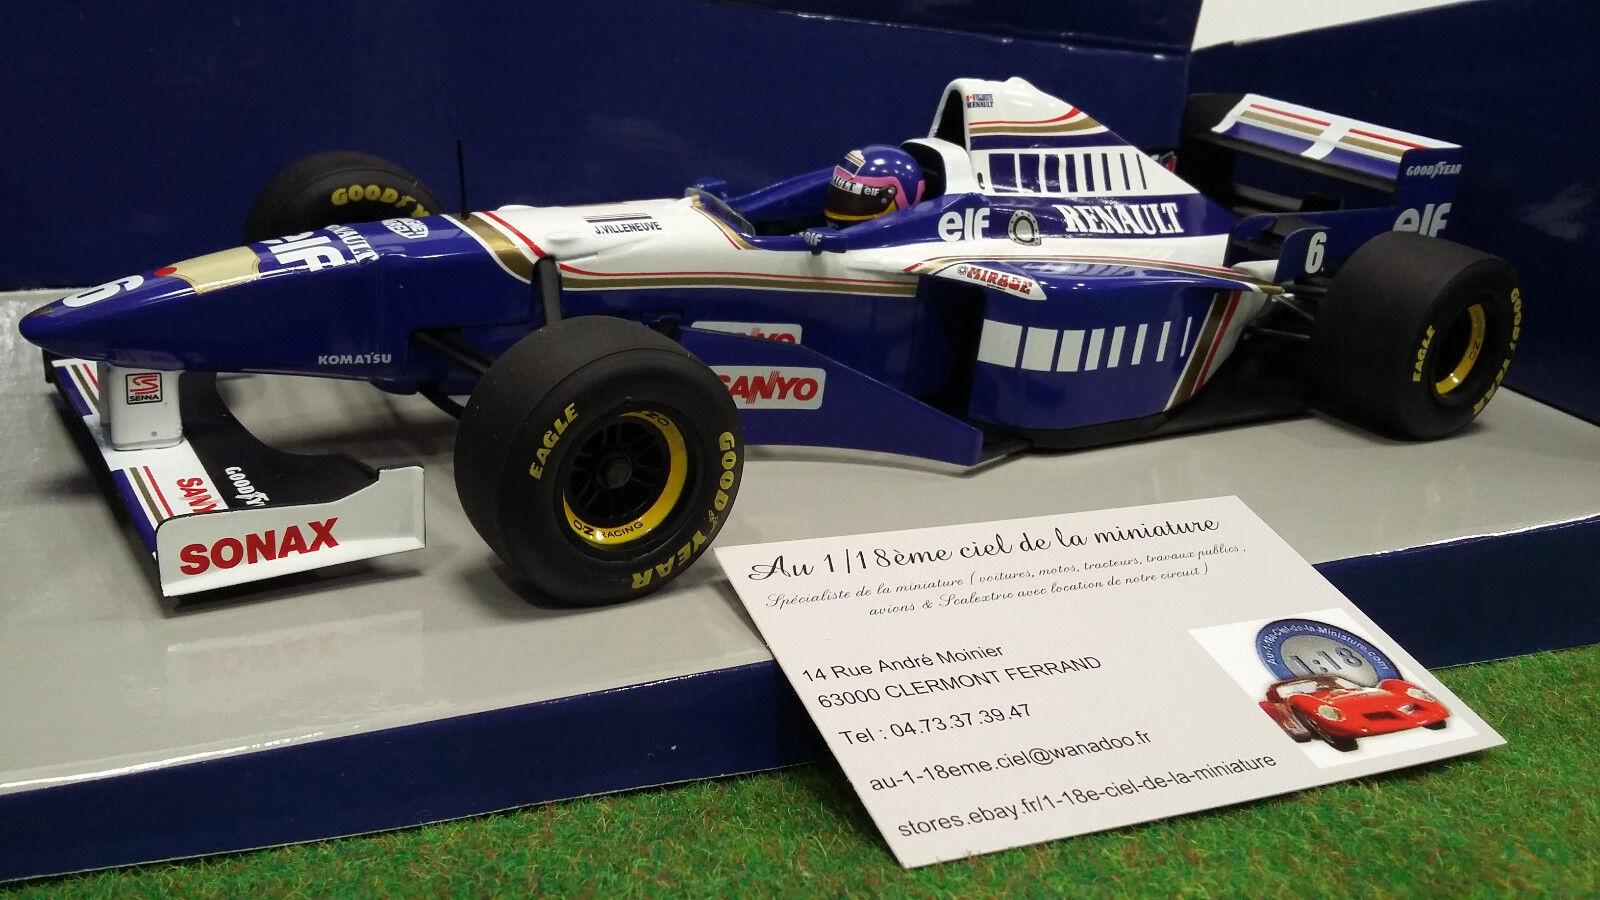 F1 WILLIAMS RENAULT FW18 VILLENEUVE 1 18  MINICHAMPS 180960006 voiture miniature